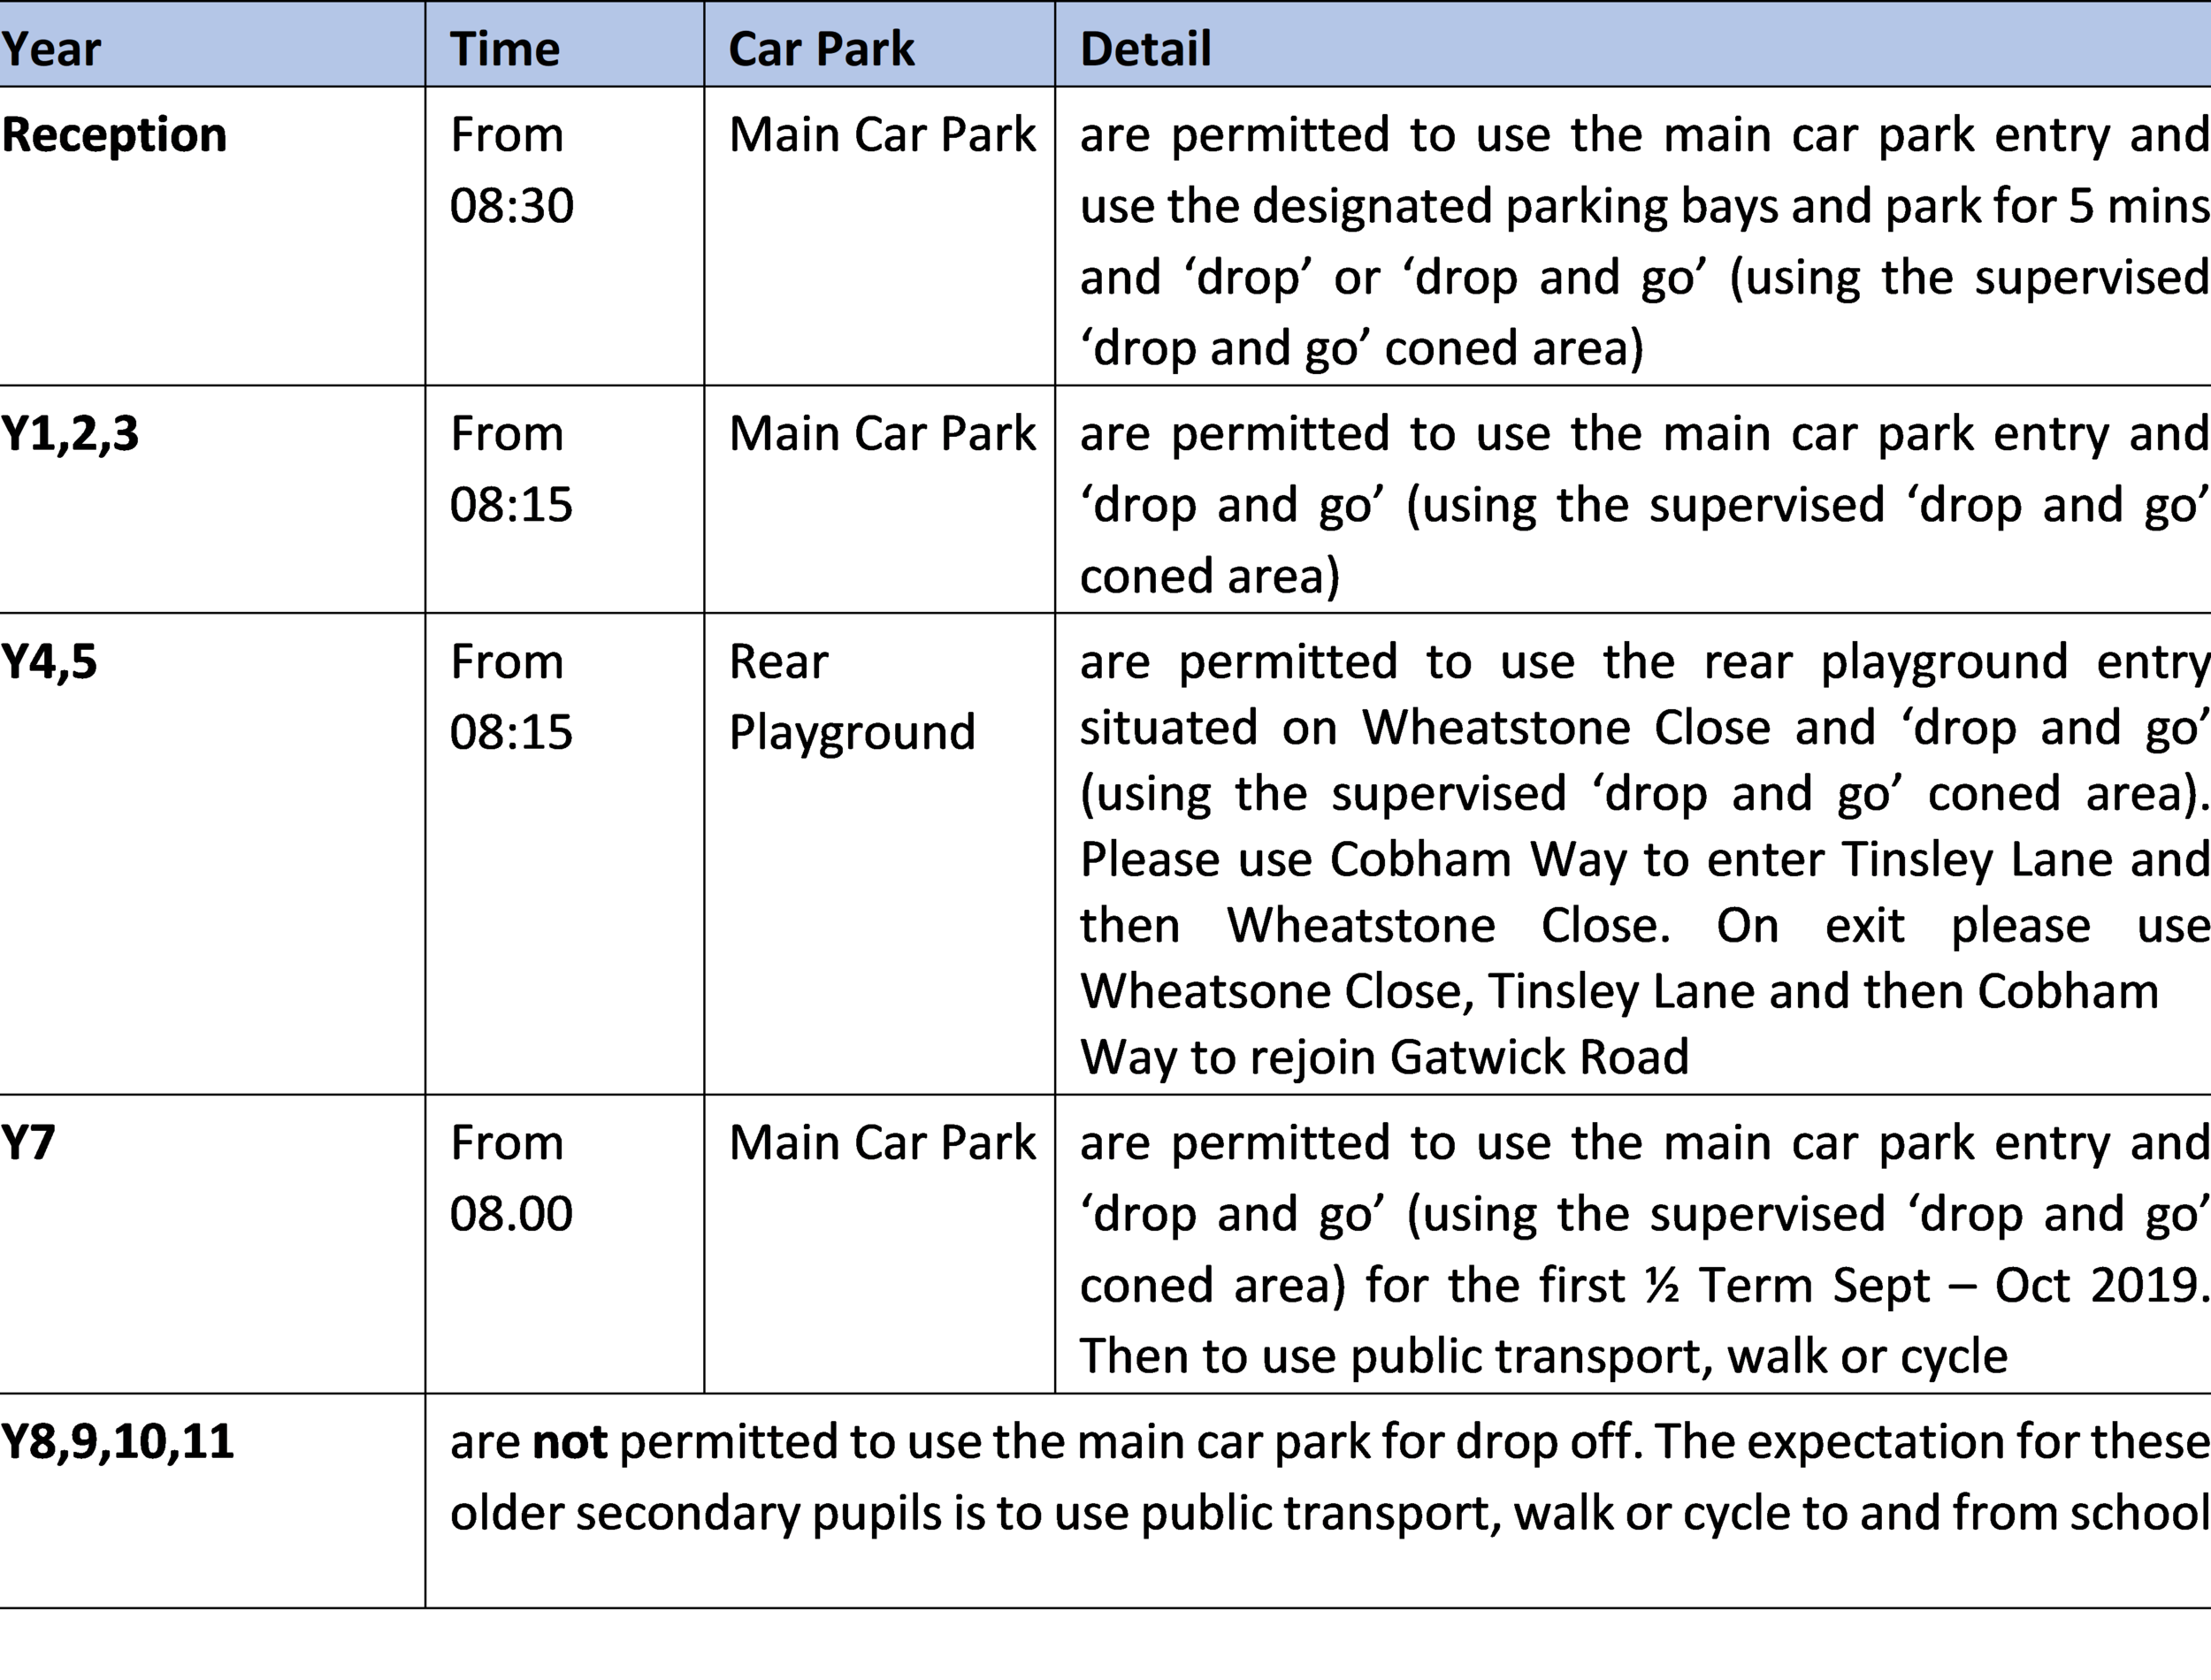 Car-Park-Drop-Off.png